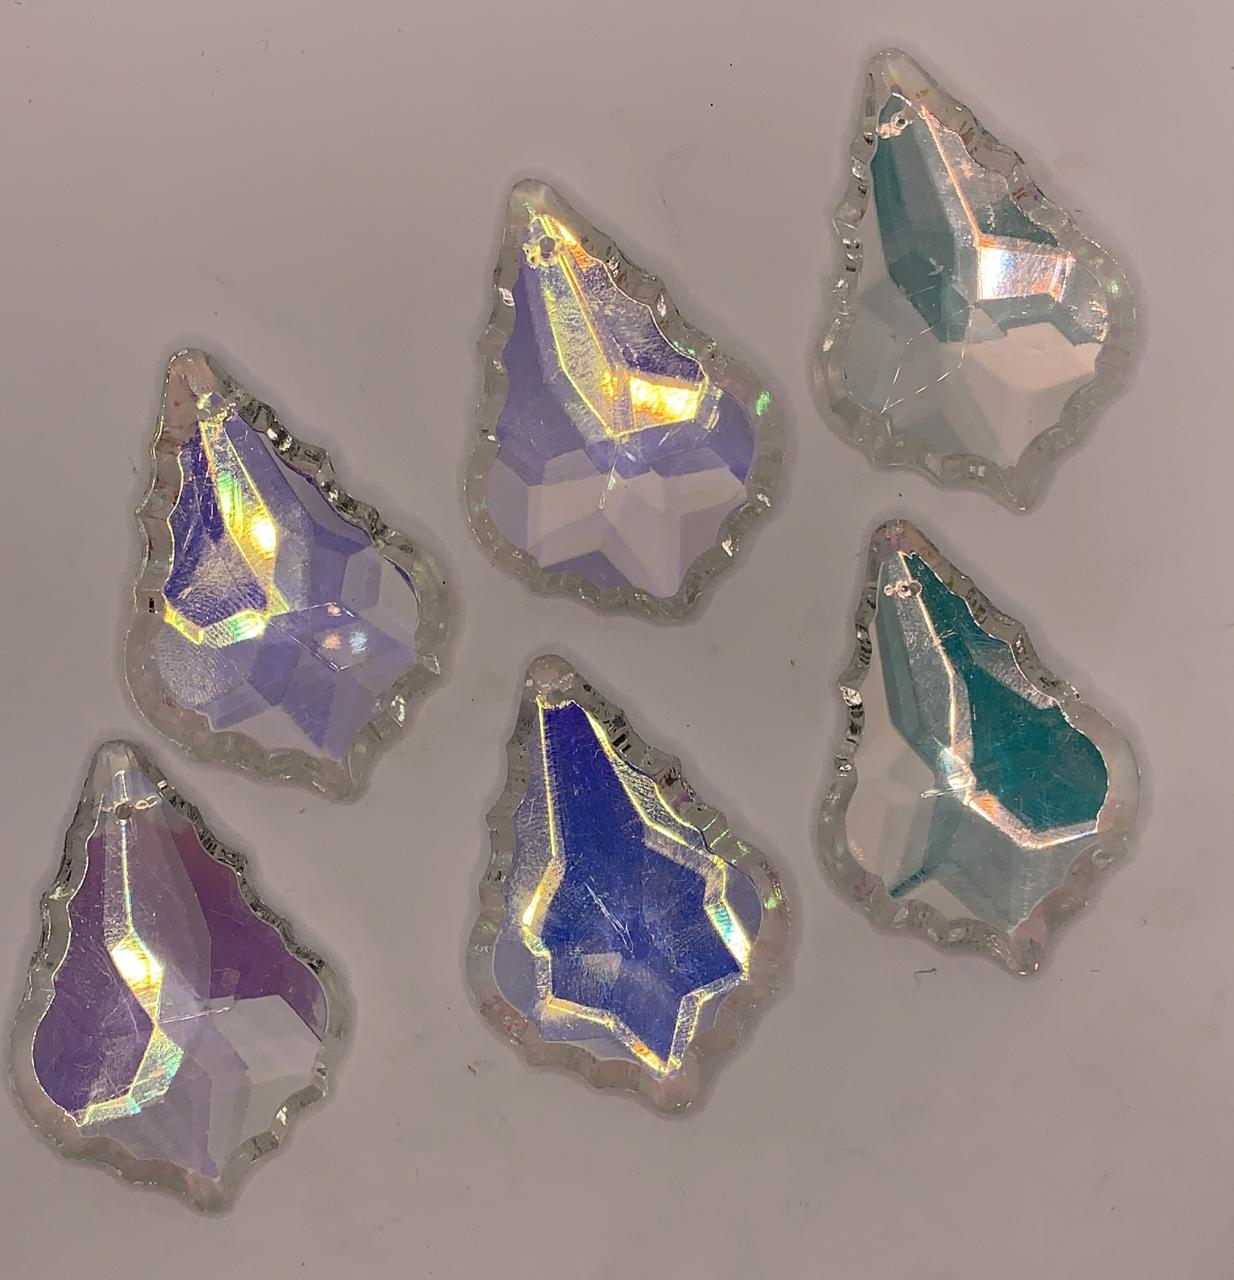 Cristal Vidro - Modelo Pingente Bacalhau - 50x35mm - Cristal Irisado - Unidade